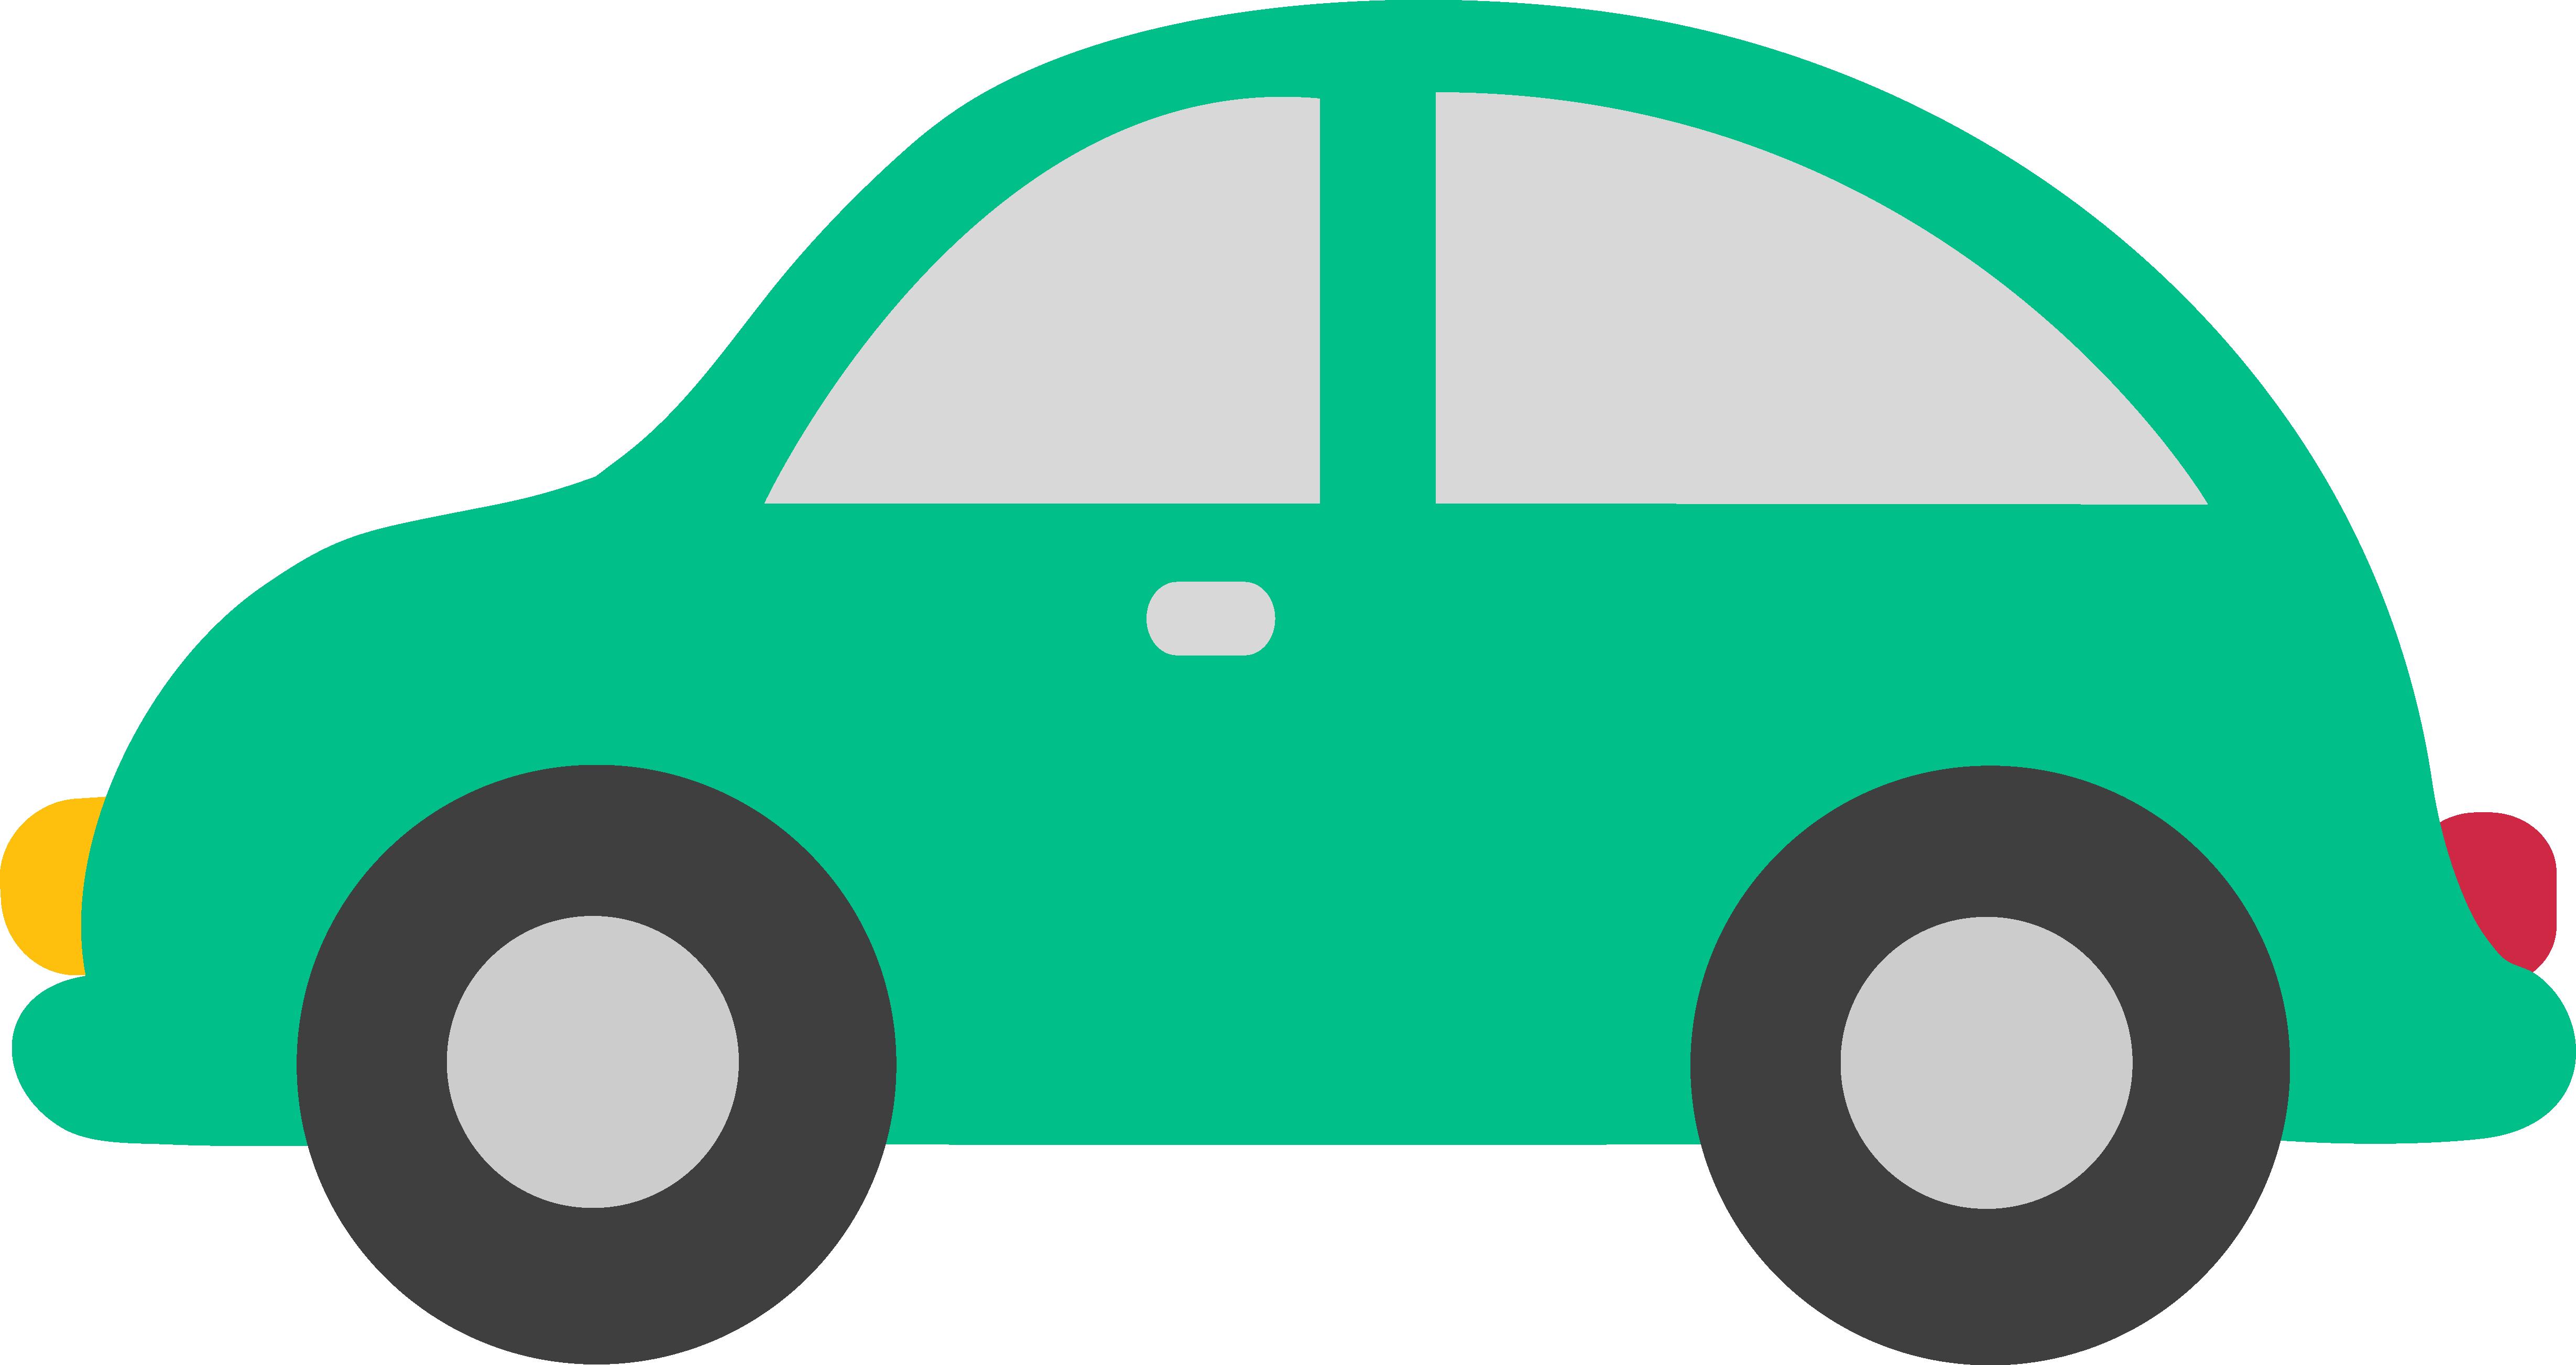 4916x2605 Free Clicpart Cartoon Cars Clipart The Cliparts